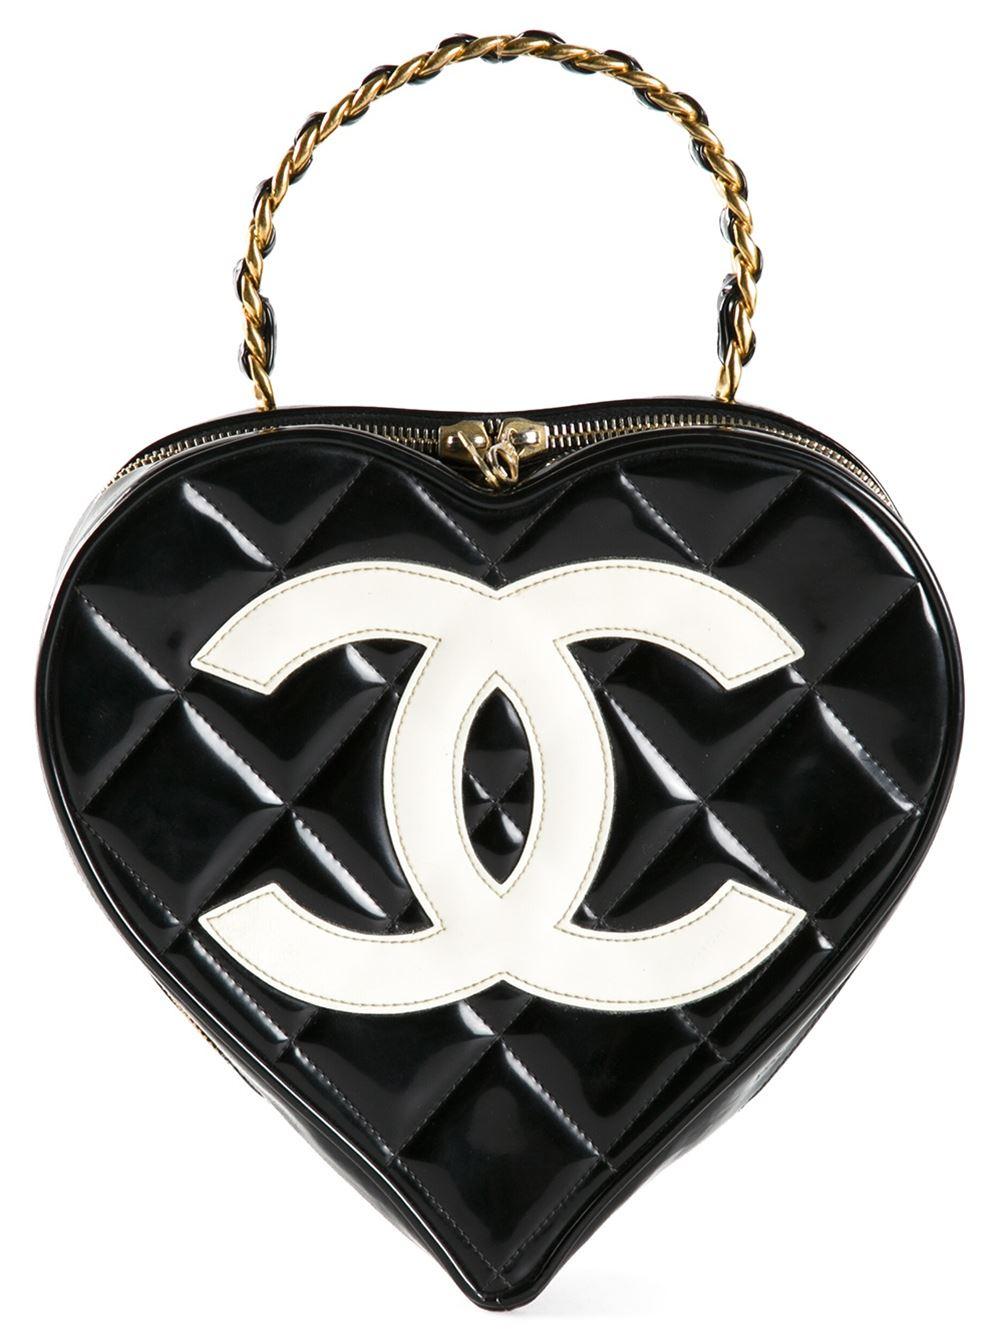 66768cbbc393 Splurge du Jour: Chanel Vintage Heart Shaped Tote - Handbag du Jour ...